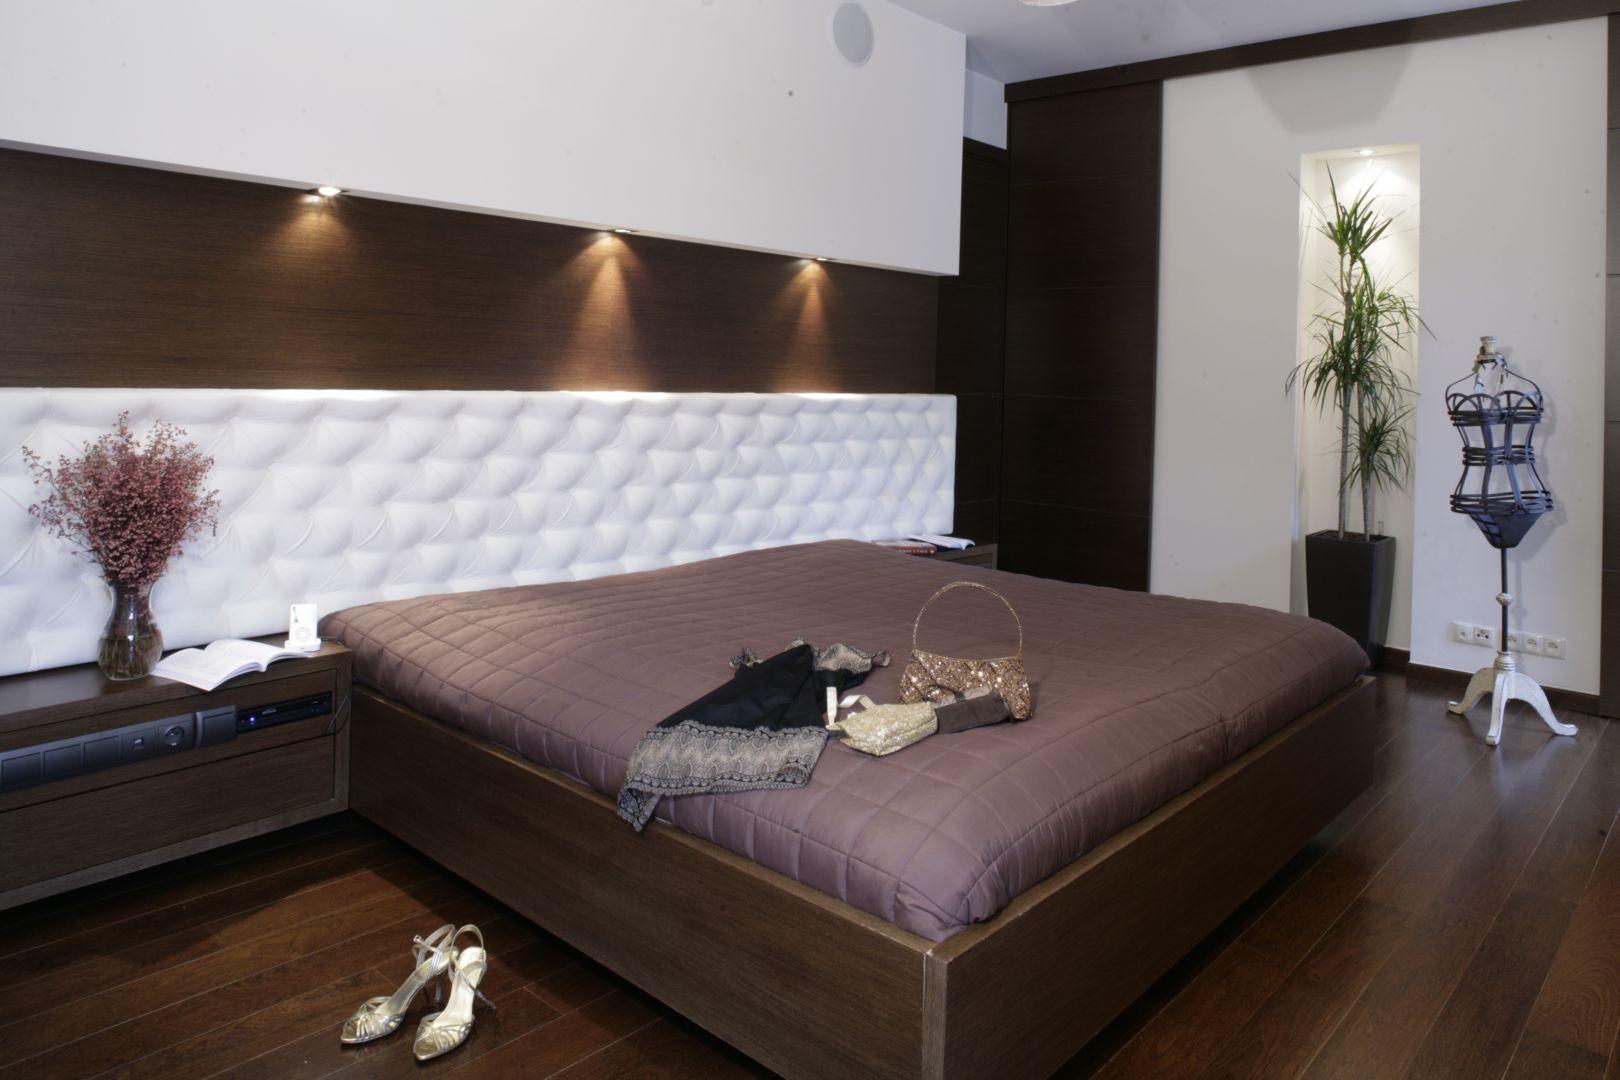 Stylu wnętrzu nadają wysmakowane detale. Wśród nich można wymienić panel dekoracyjny zdobiący ścianę za łóżkiem oraz eleganckie dodatki. Projekt: Katarzyna Mikulska-Sękalska. Fot. Monika Filipiuk-Obałek